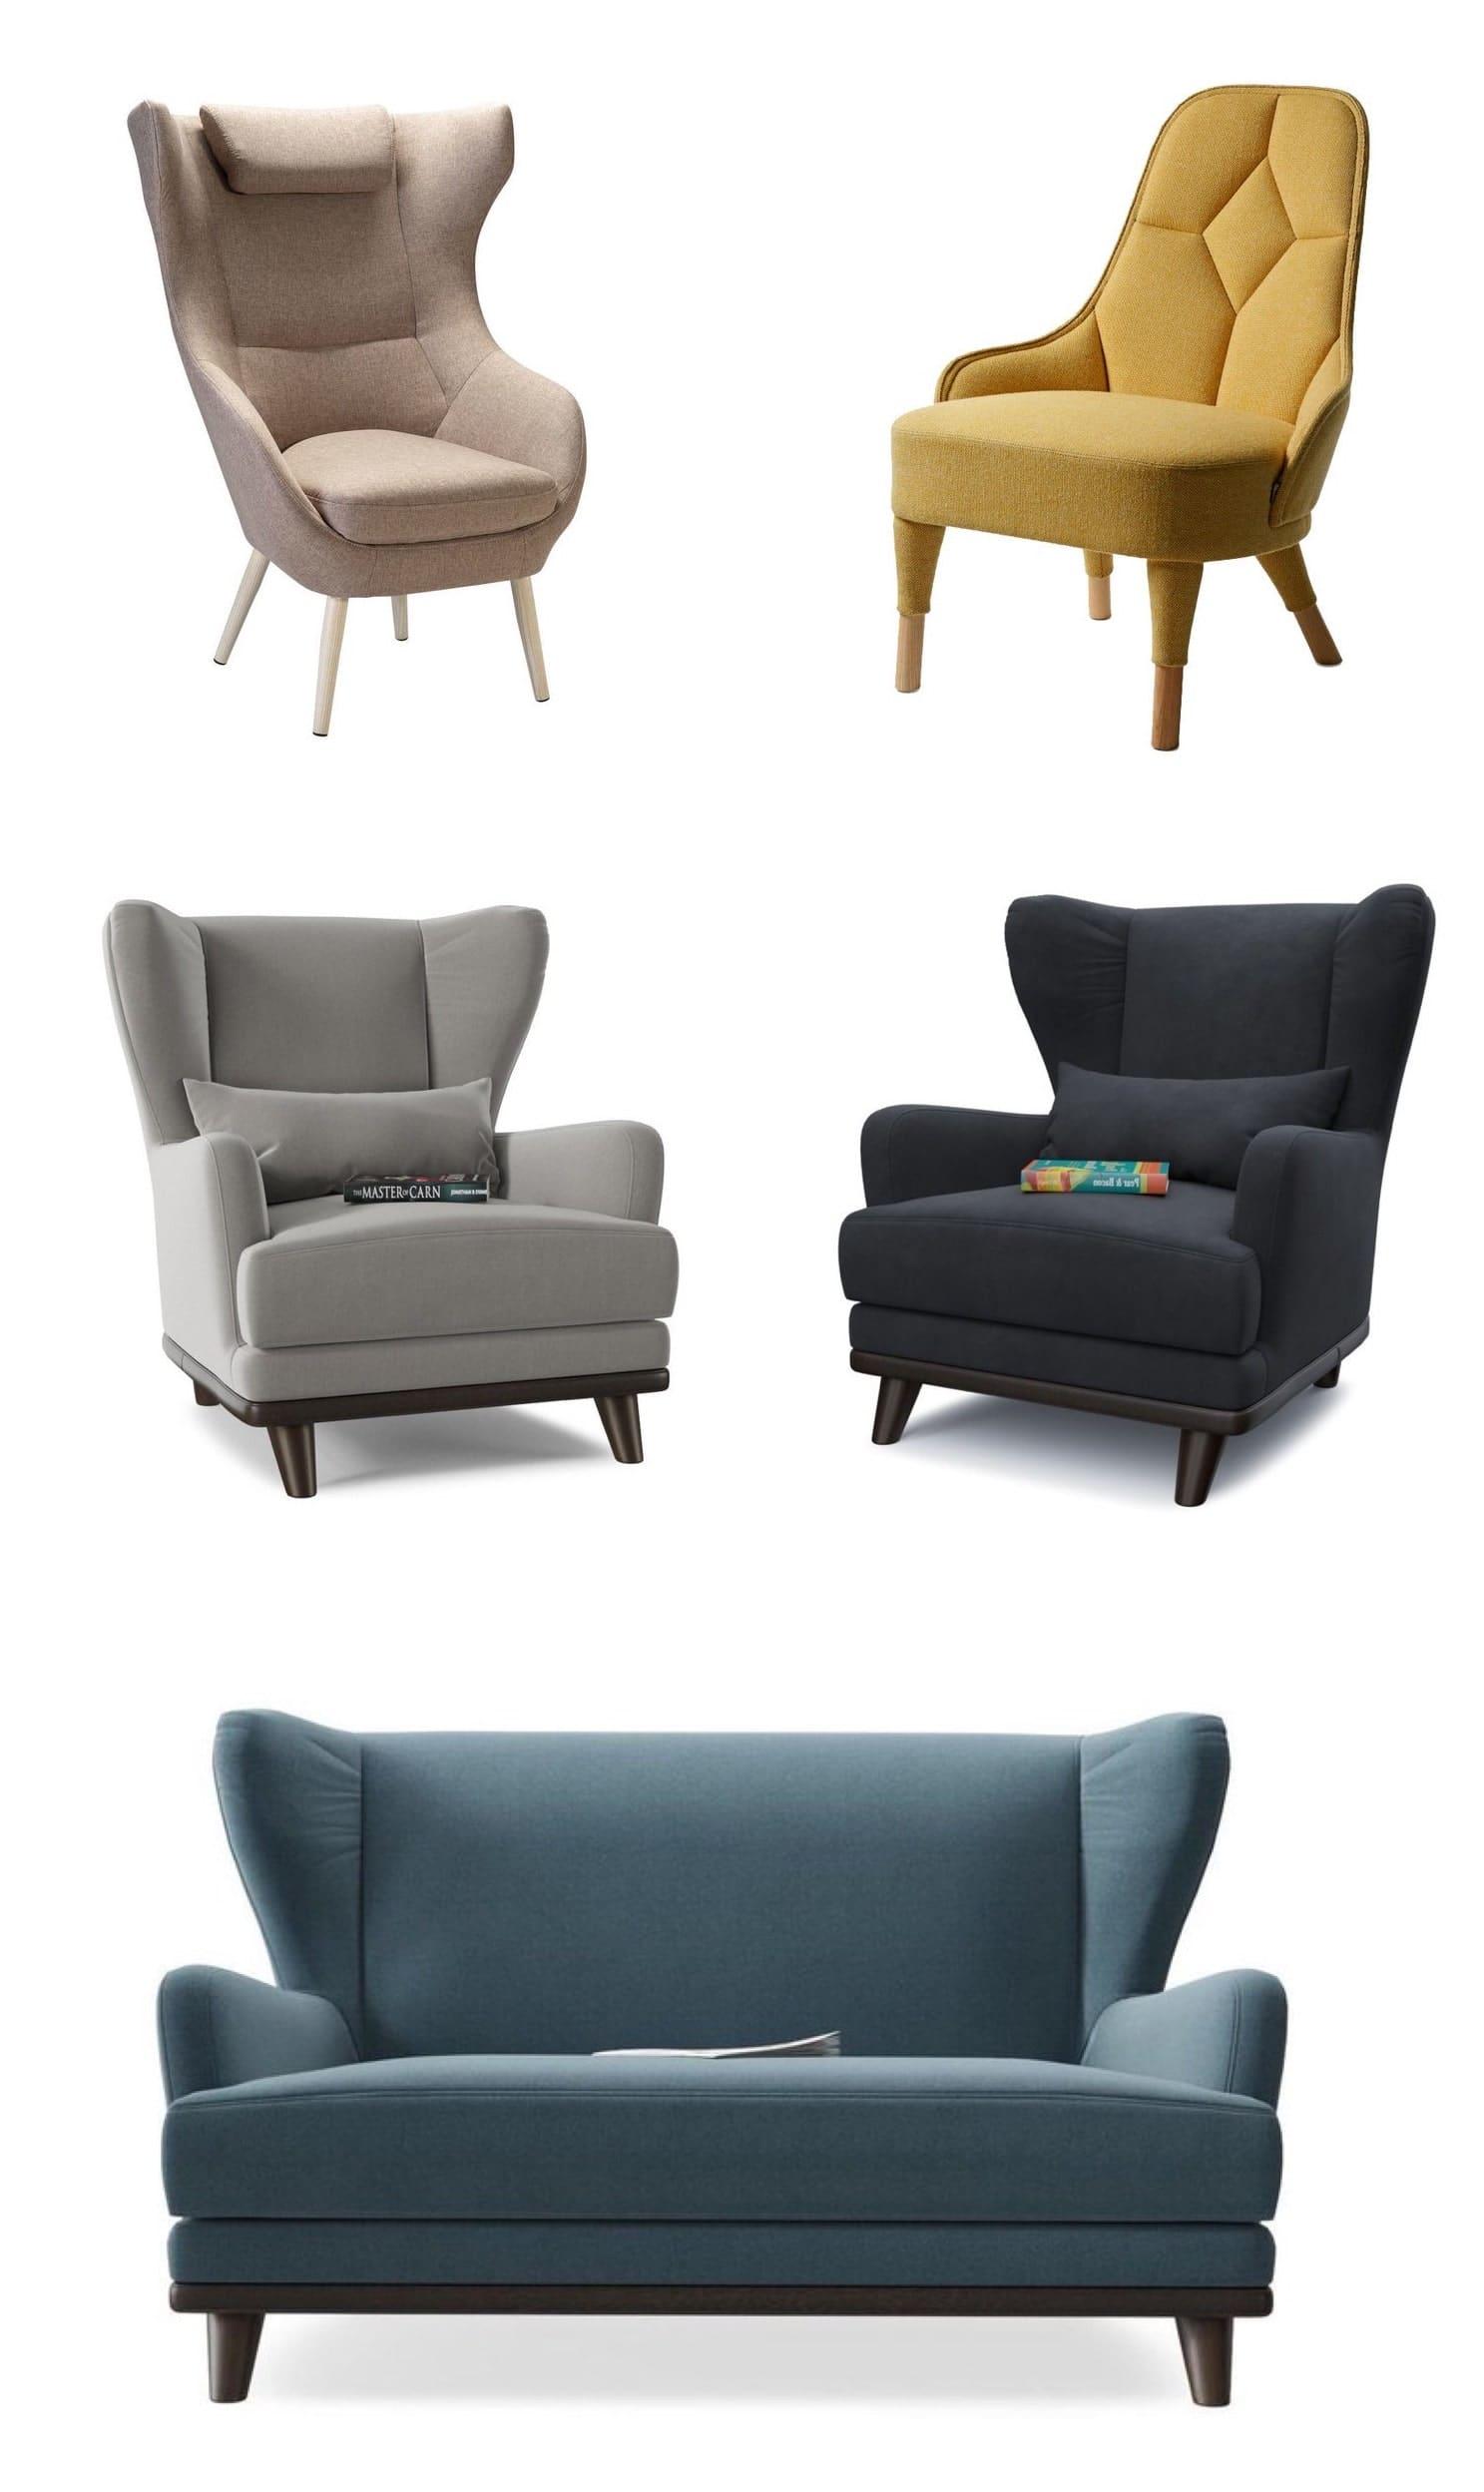 современная мебель фото 1